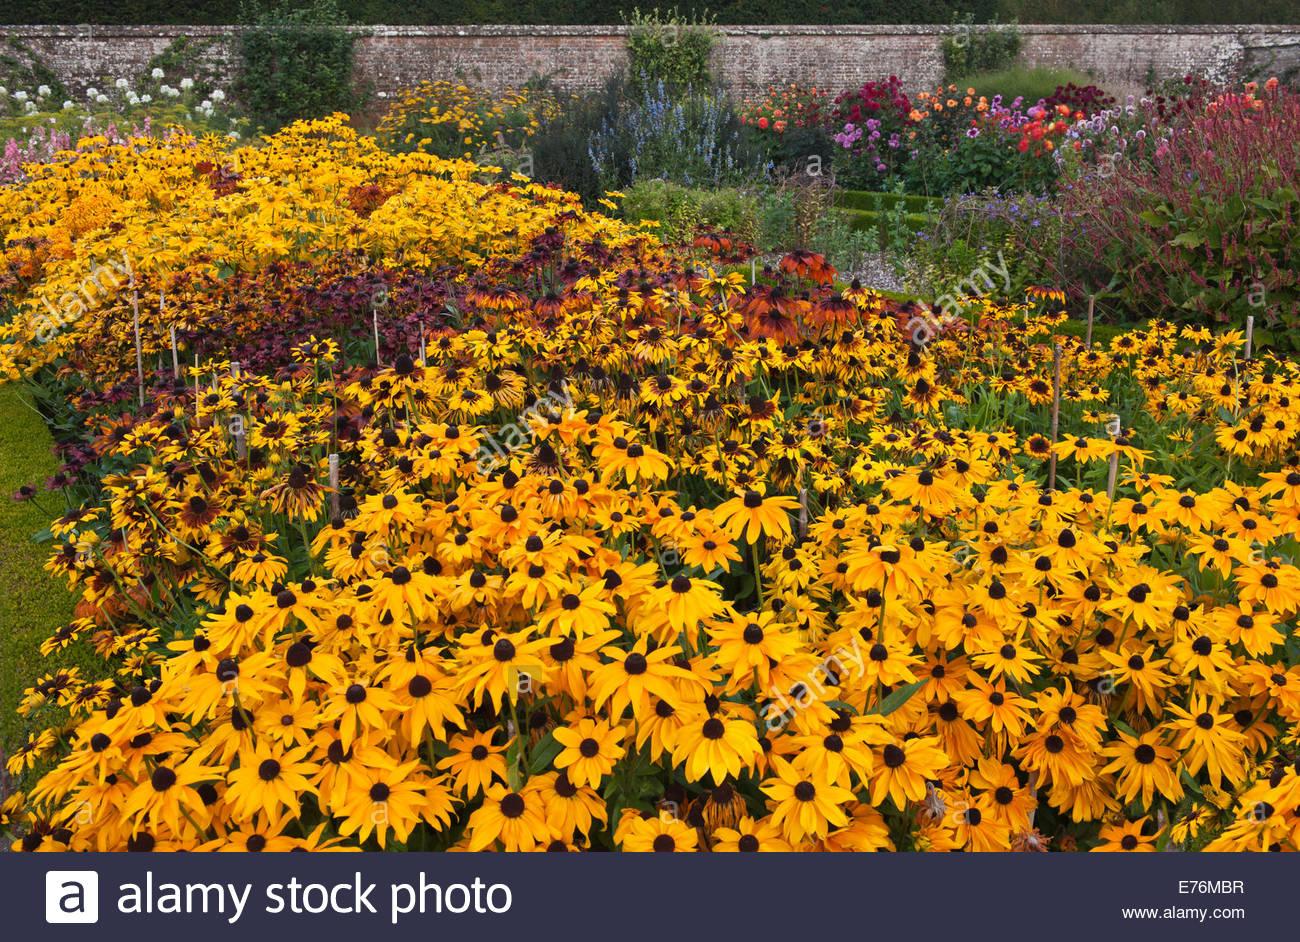 Welche Blumen Blühen Im September schnittblumen reihen wachsen dean ummauerten sussex